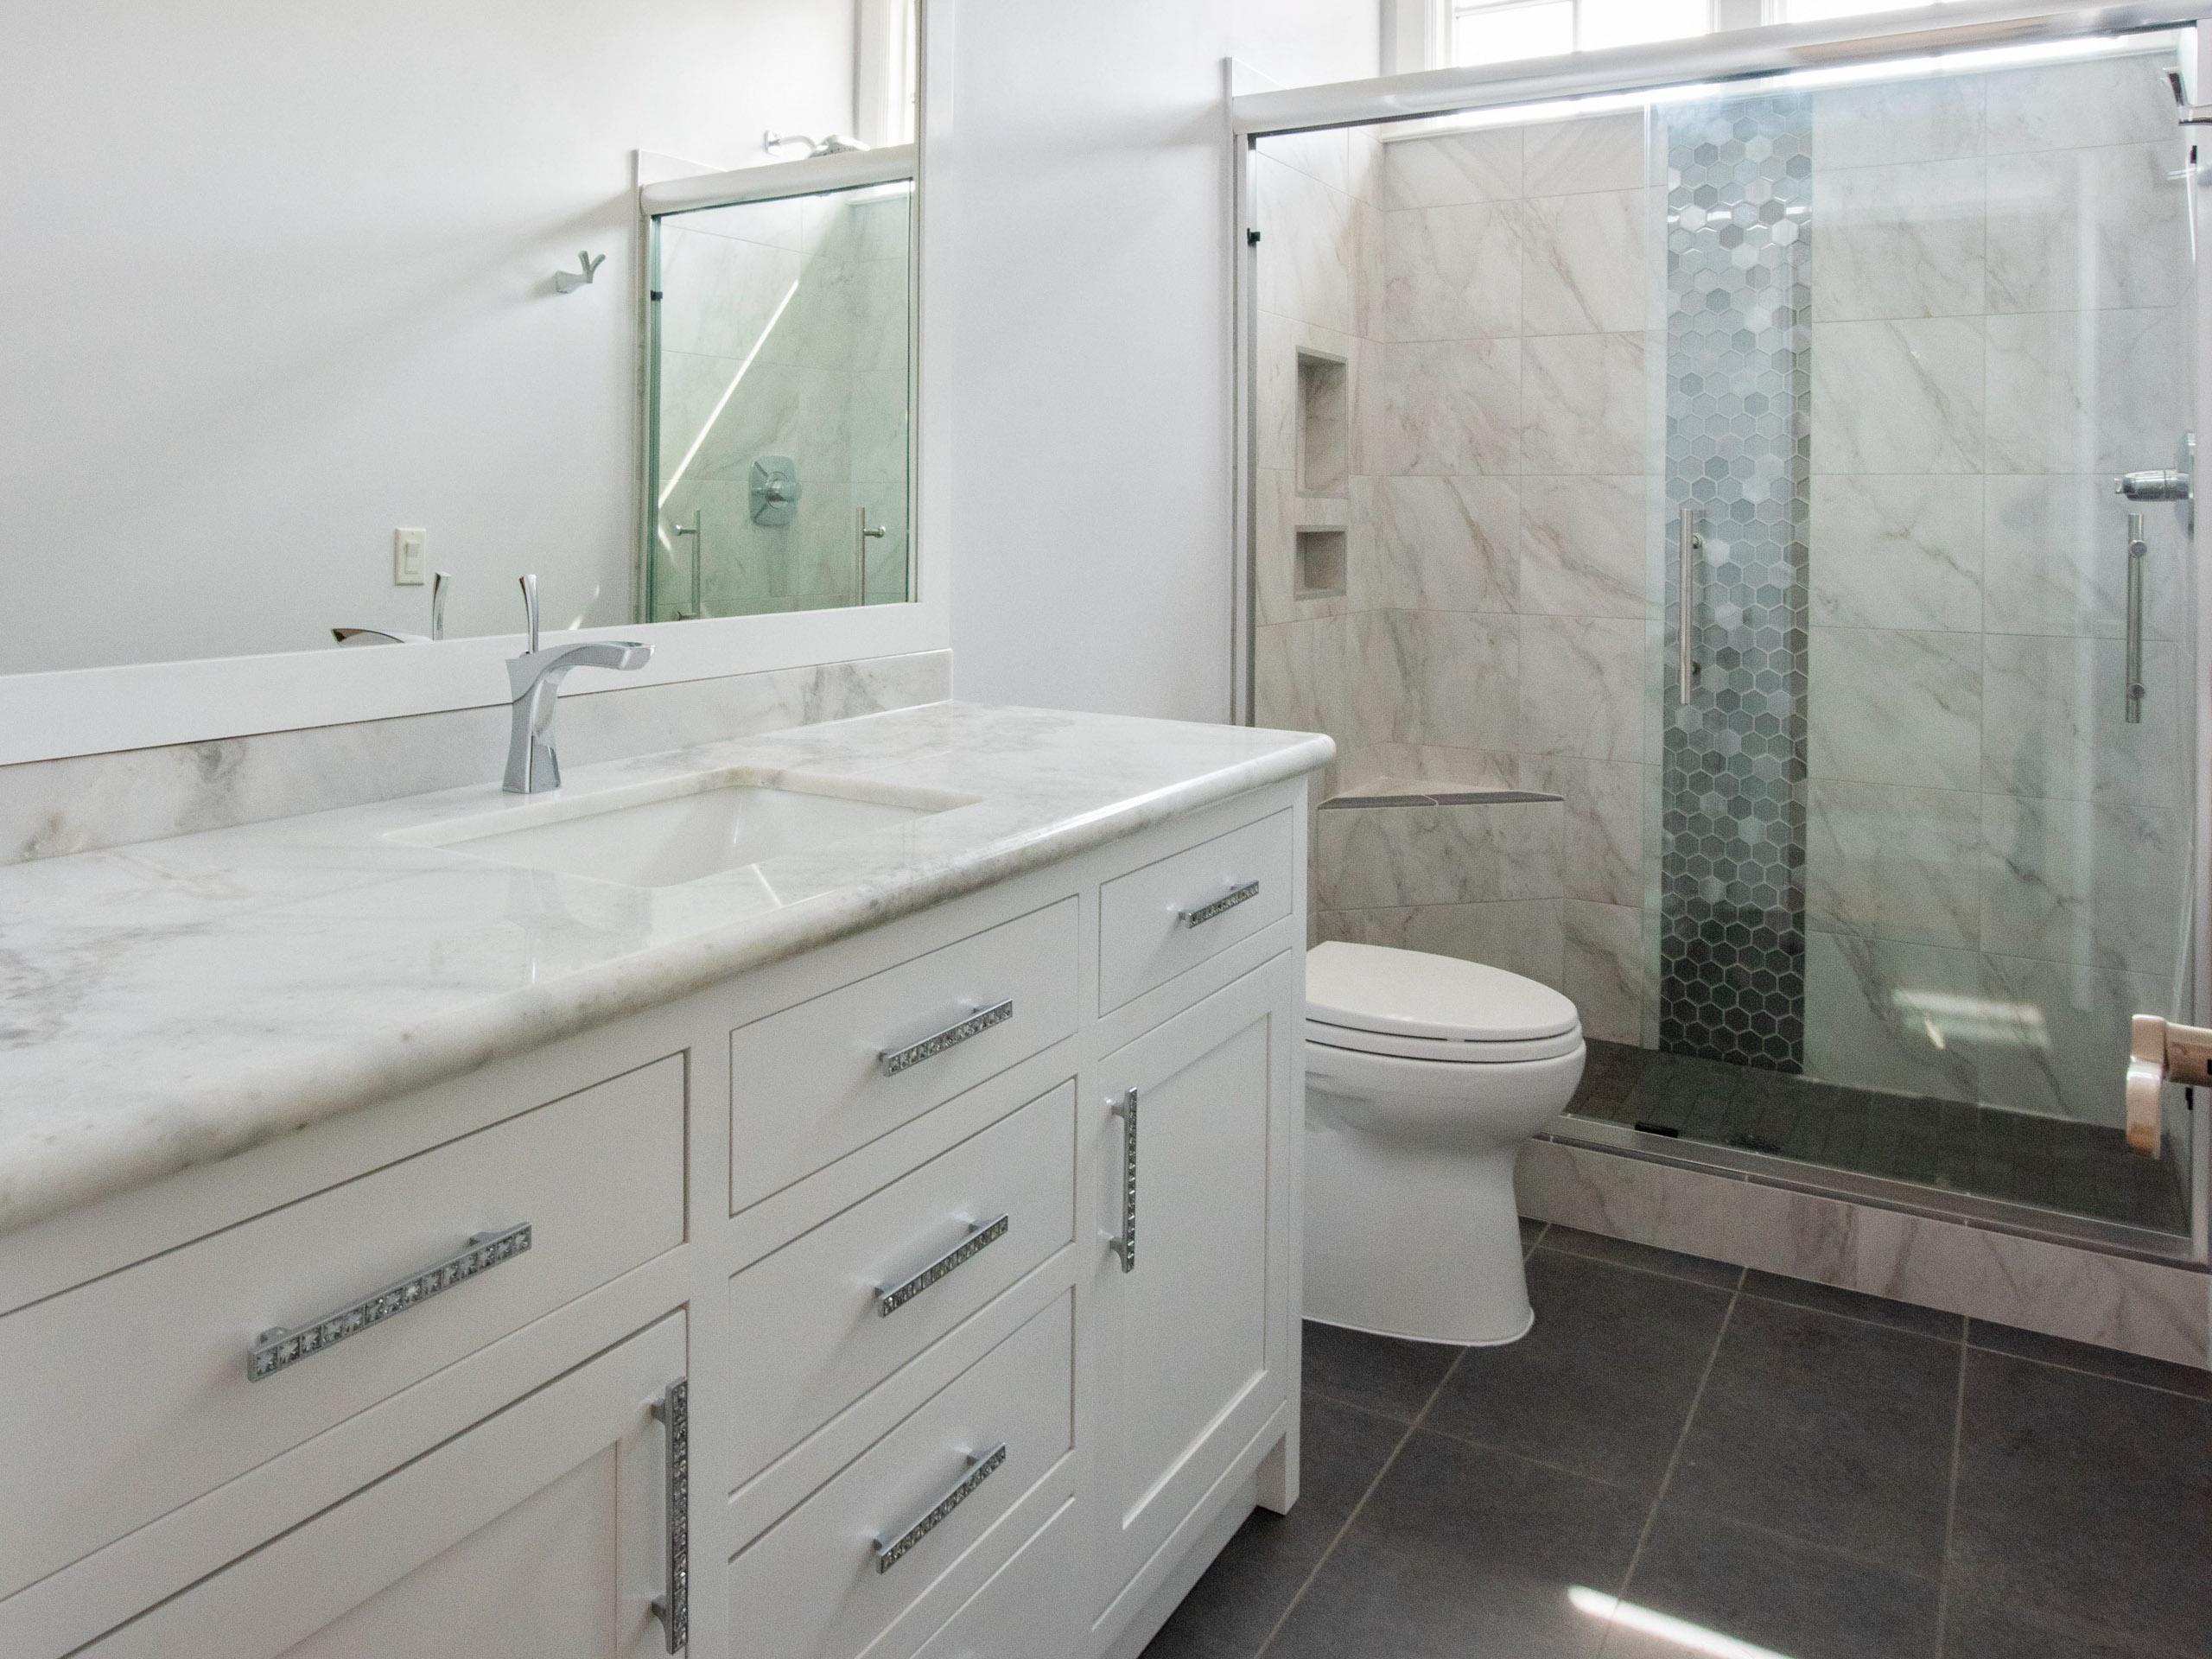 Bathroom Remodeling Contractors in Gainesville, FL | Shore ...